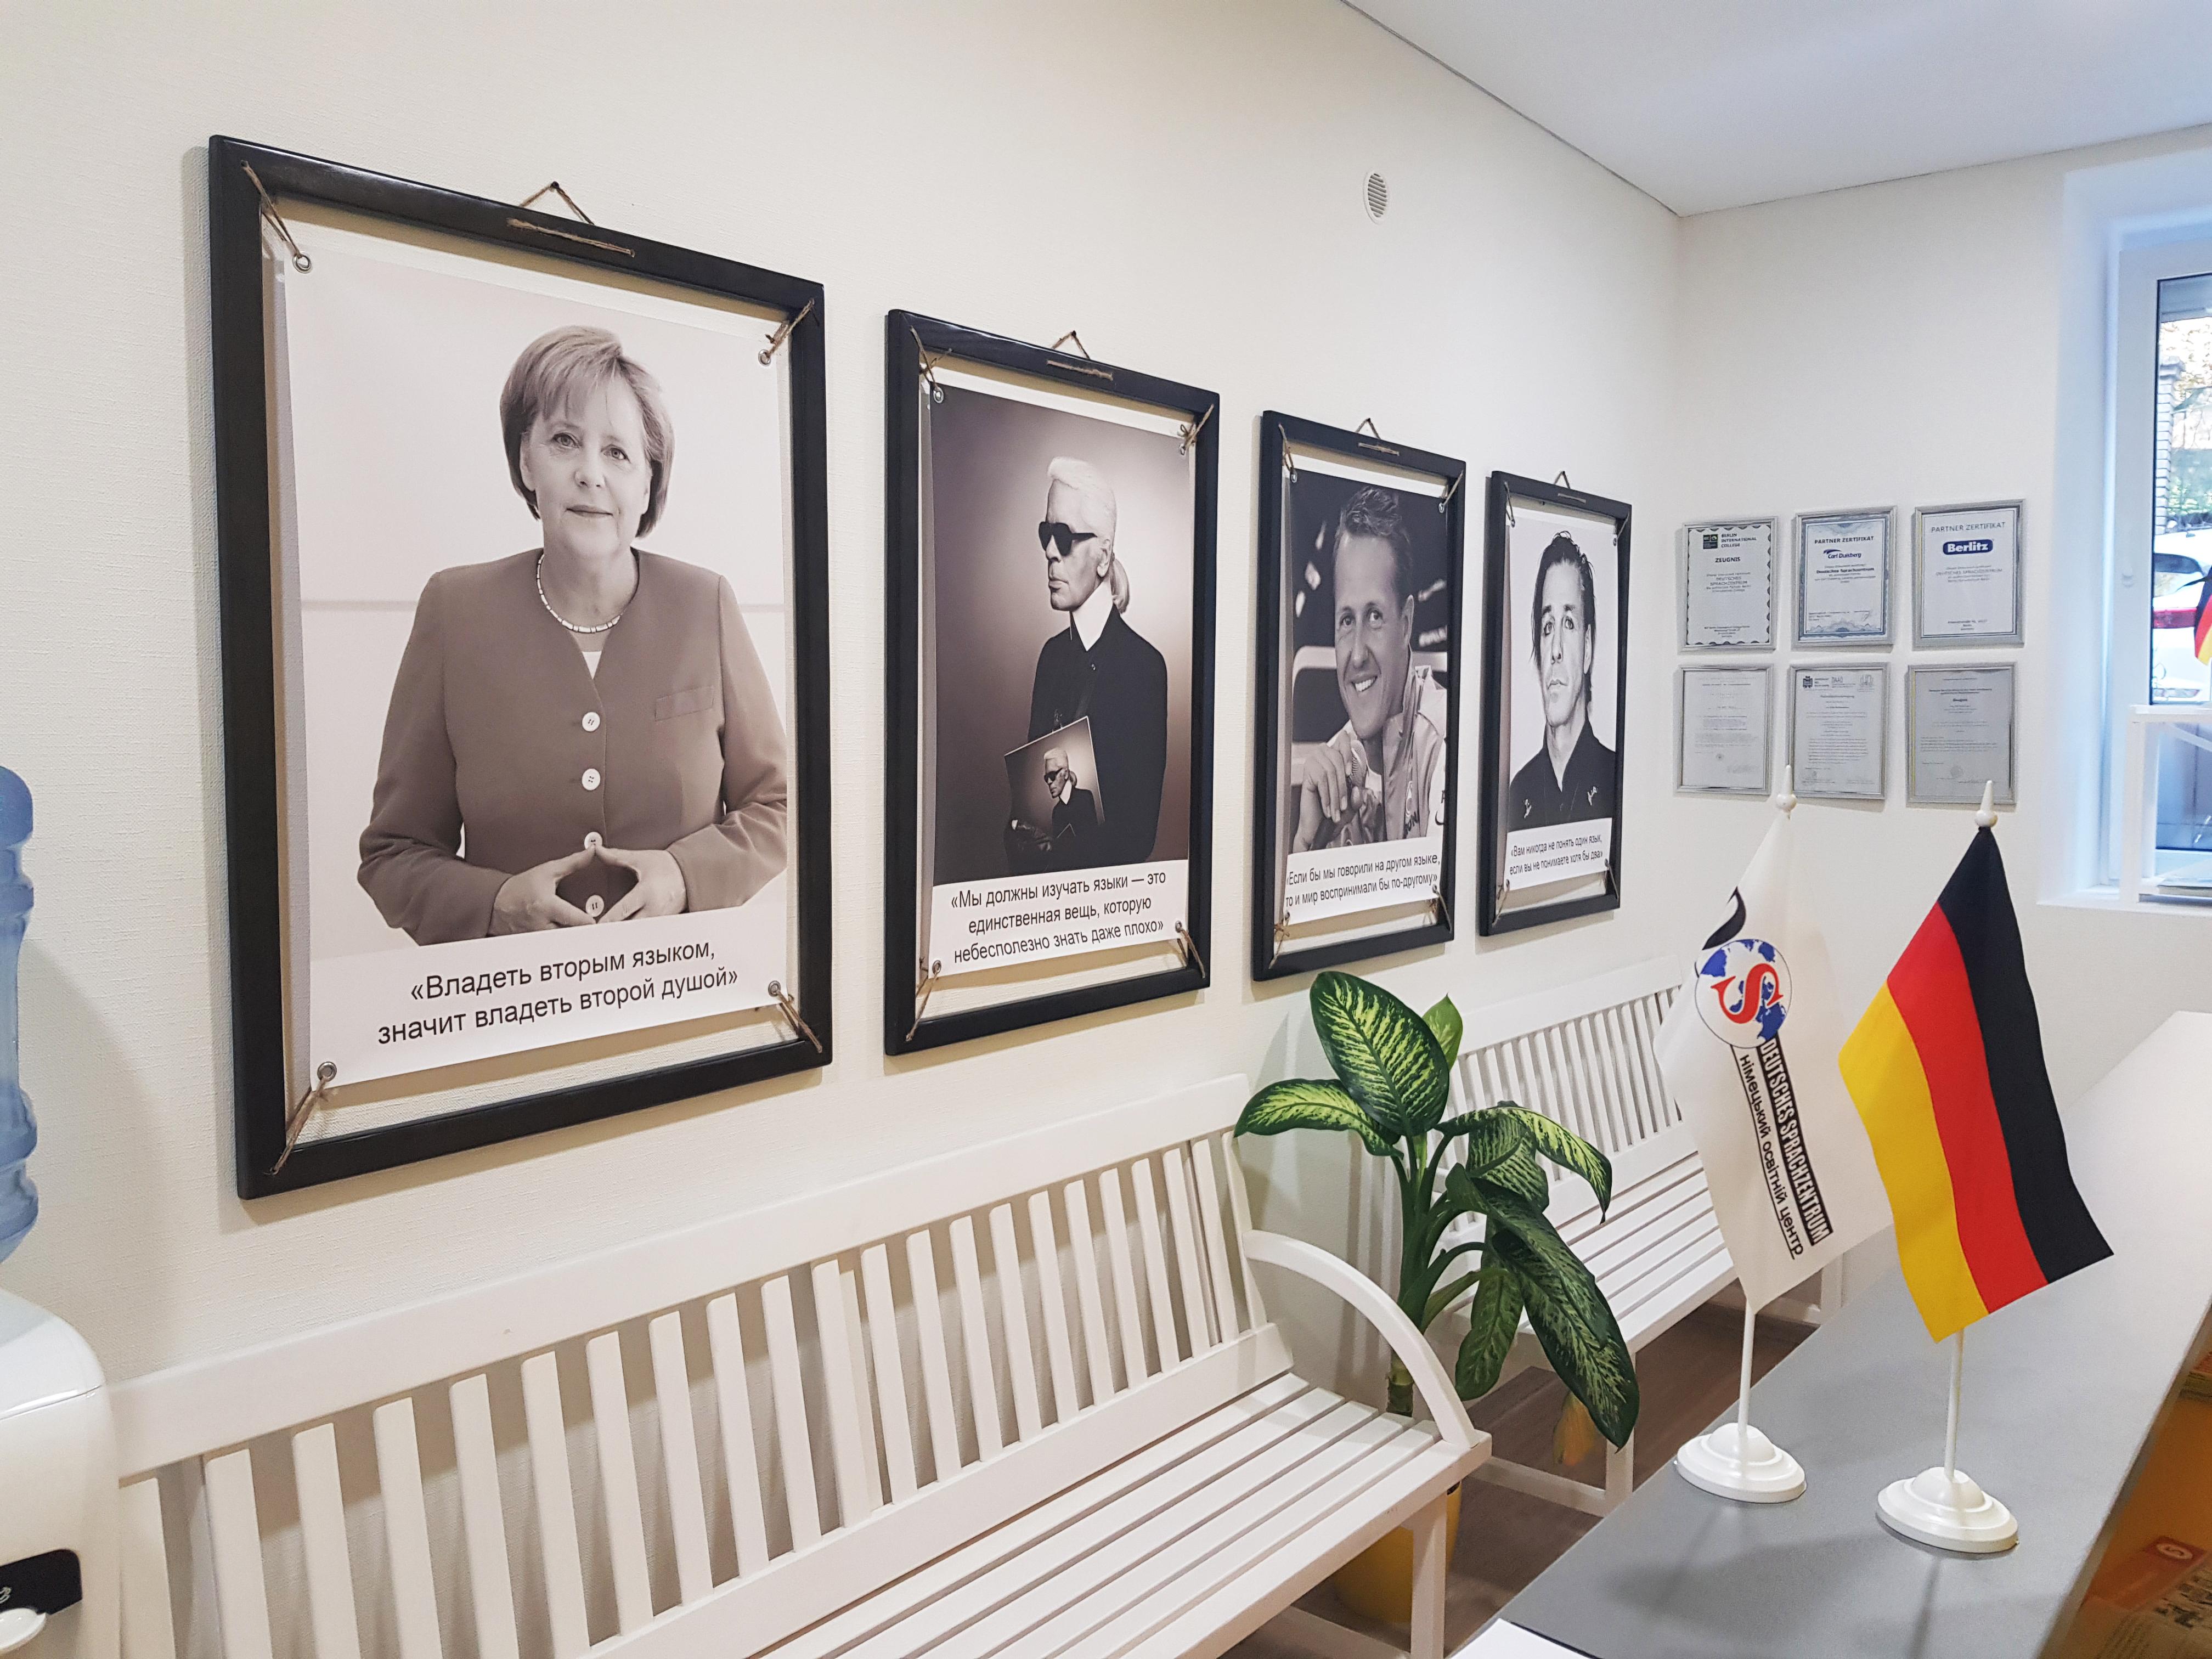 Deutsches Sprachzentrum